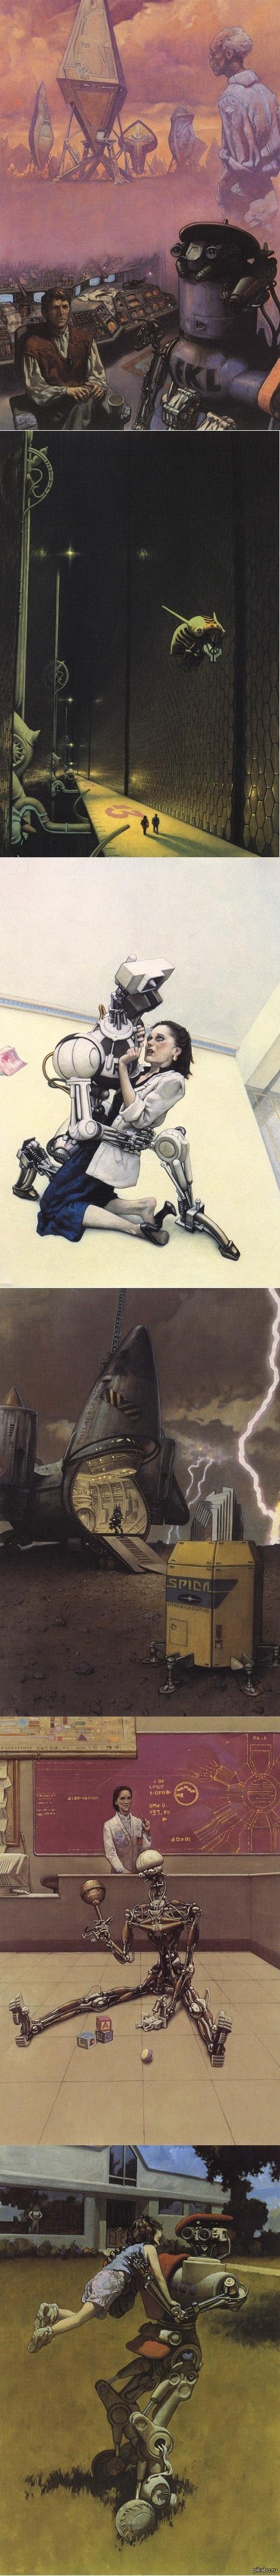 Харлан Эллисон ещё в семидесятые написал подробный сценарий экранизации азимовского «Я, робот». Сценарий так и не был воплощён в виде фильма... зато его издали в виде книги. С отличными иллюстрациями Марка Цуга.